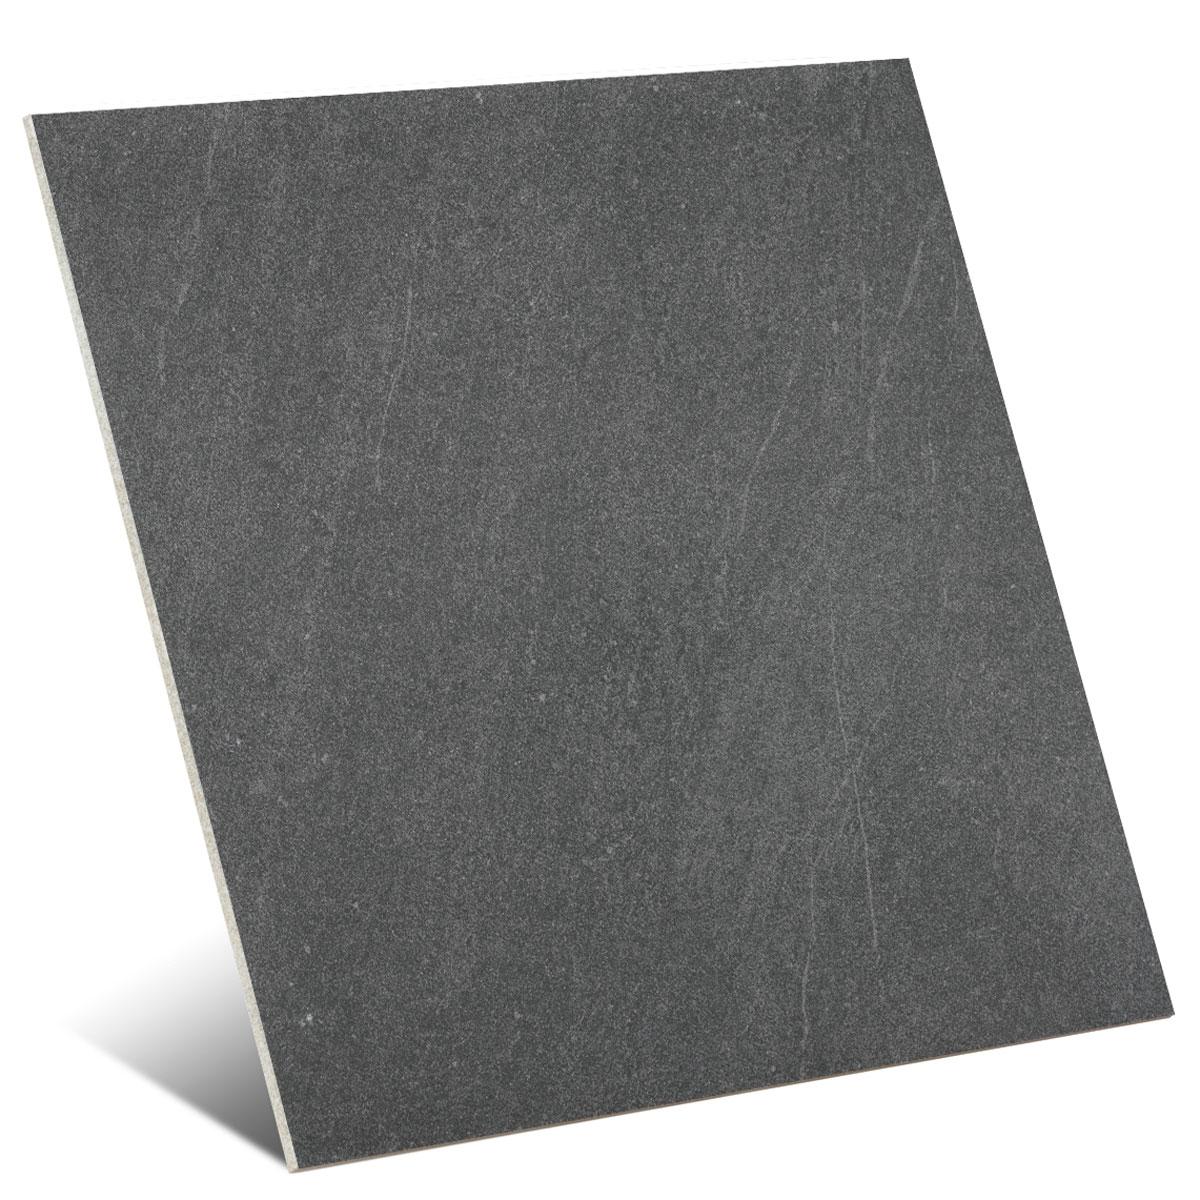 Betria Antracita 60x60 20mm (caja 0.70 m2)